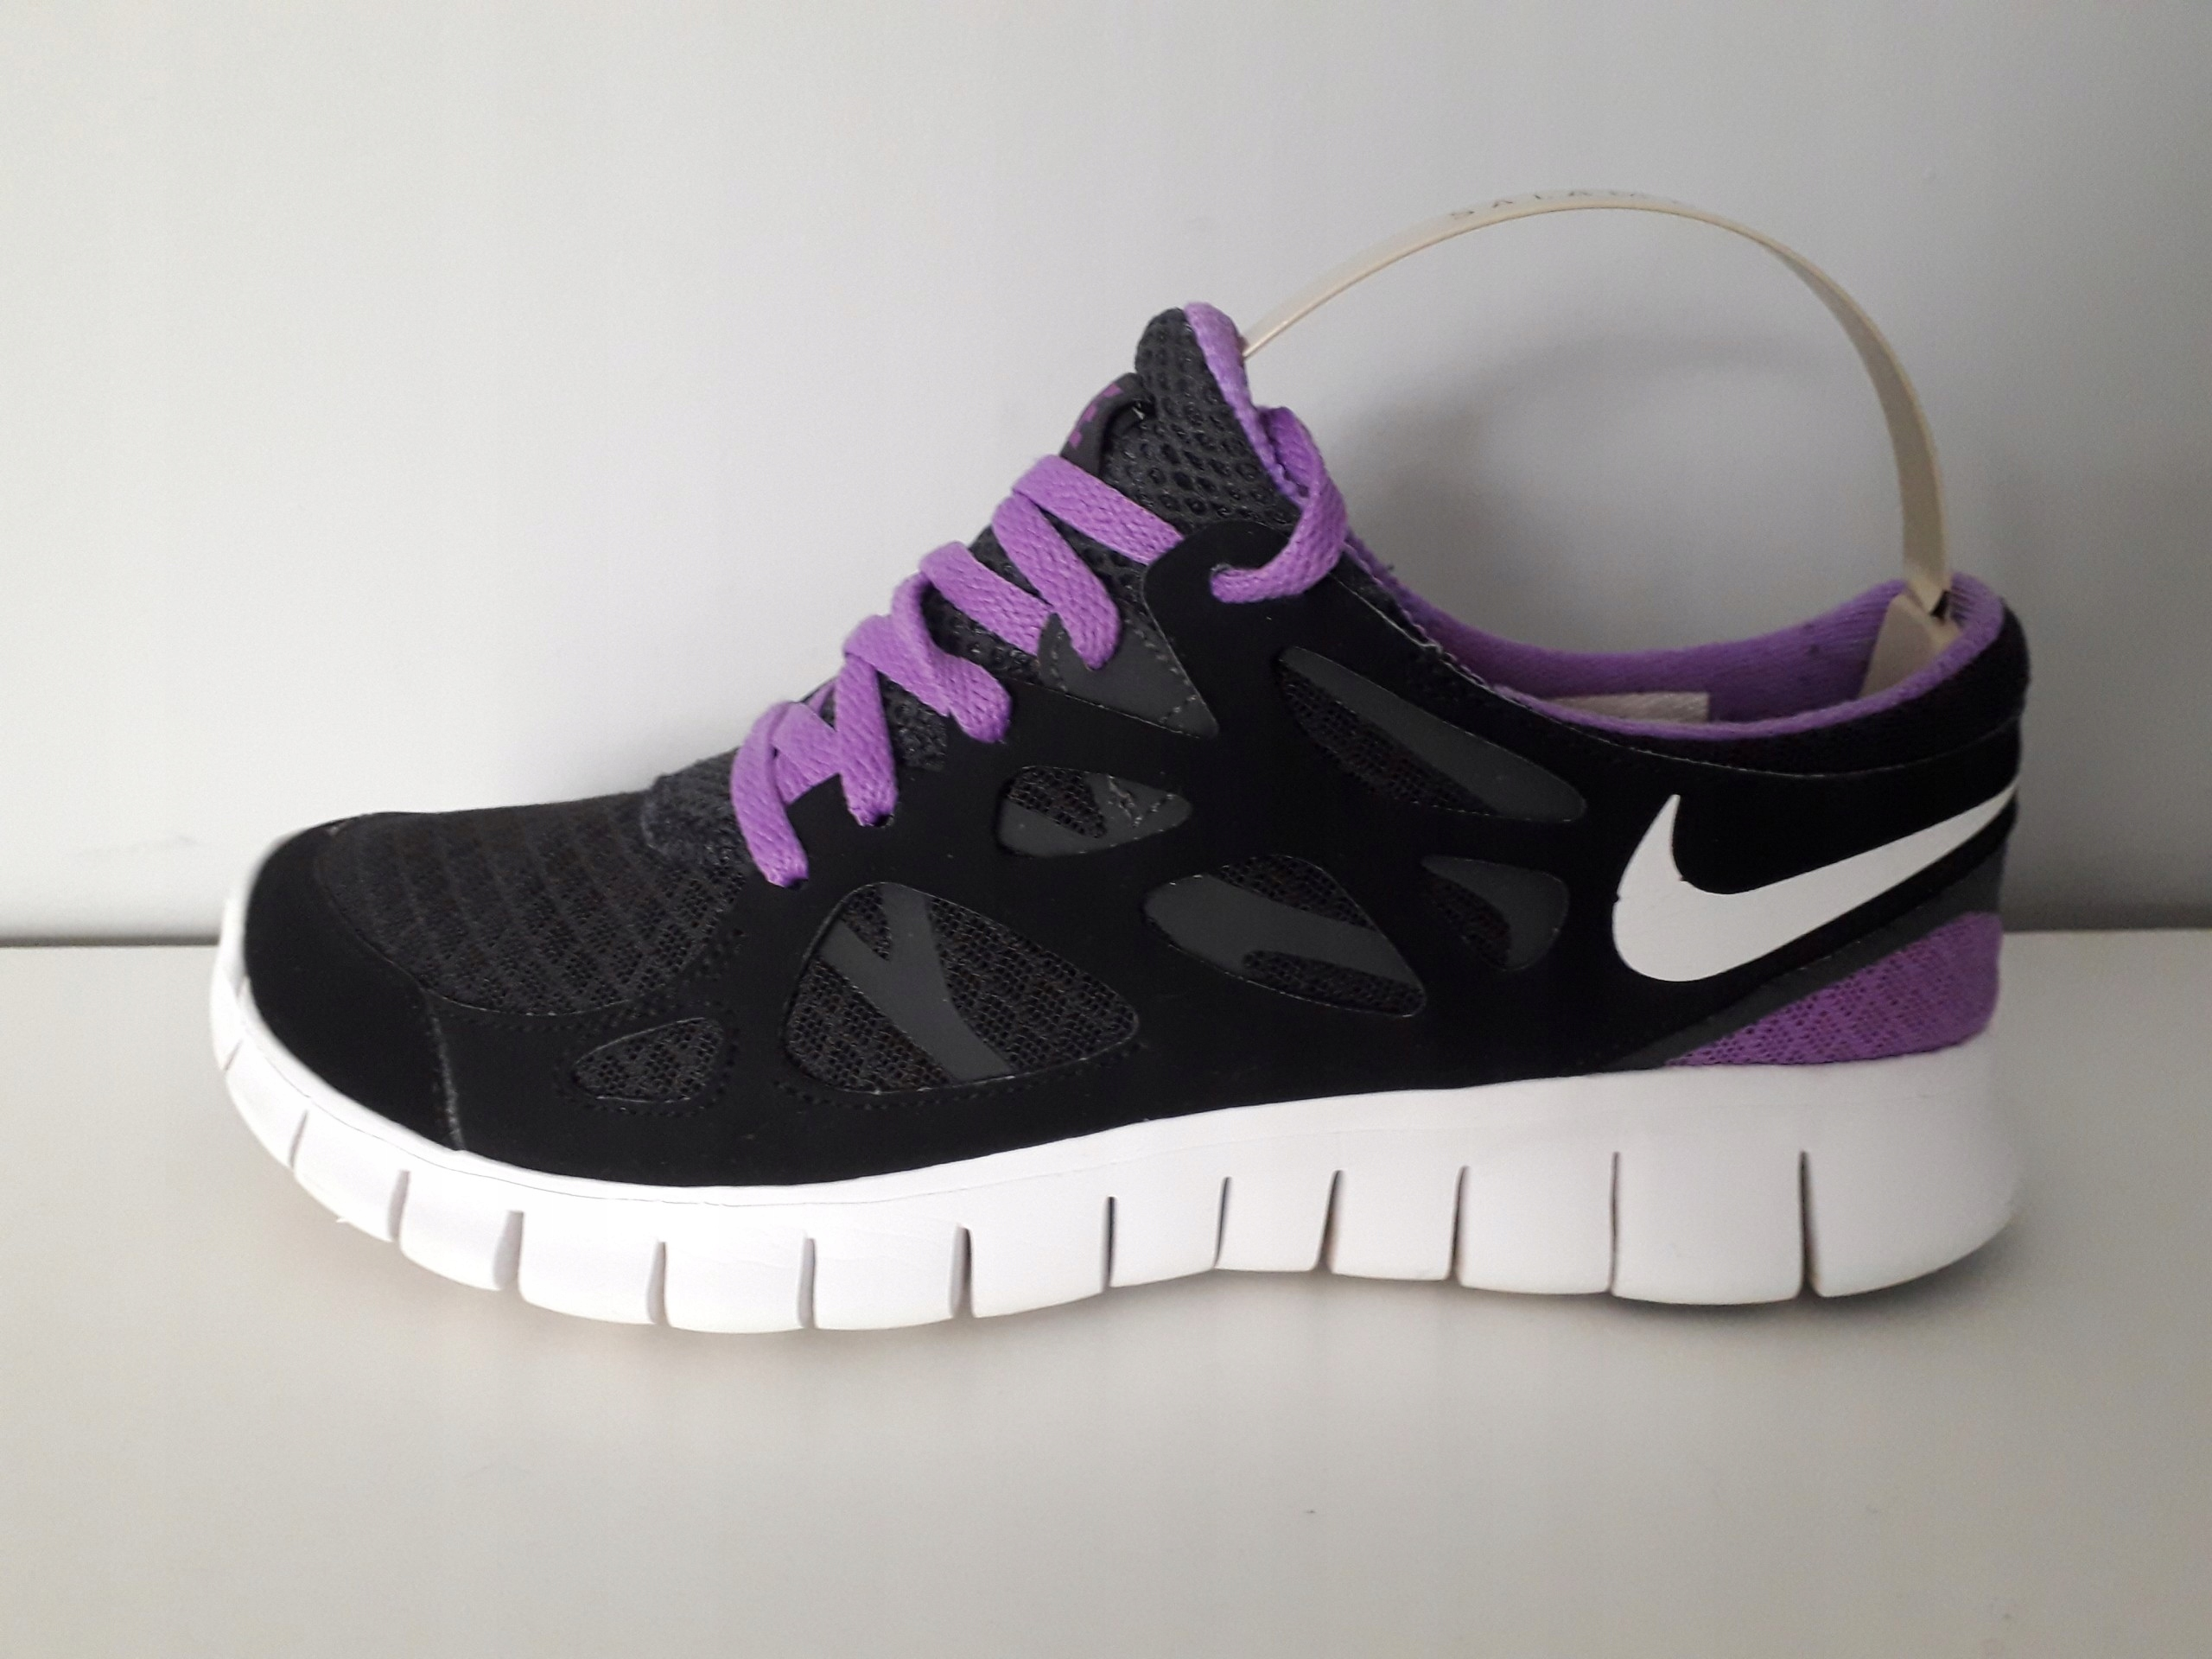 bb3ca853321b NIKE FREE RUN 2 damskie buty sportowe roz.37